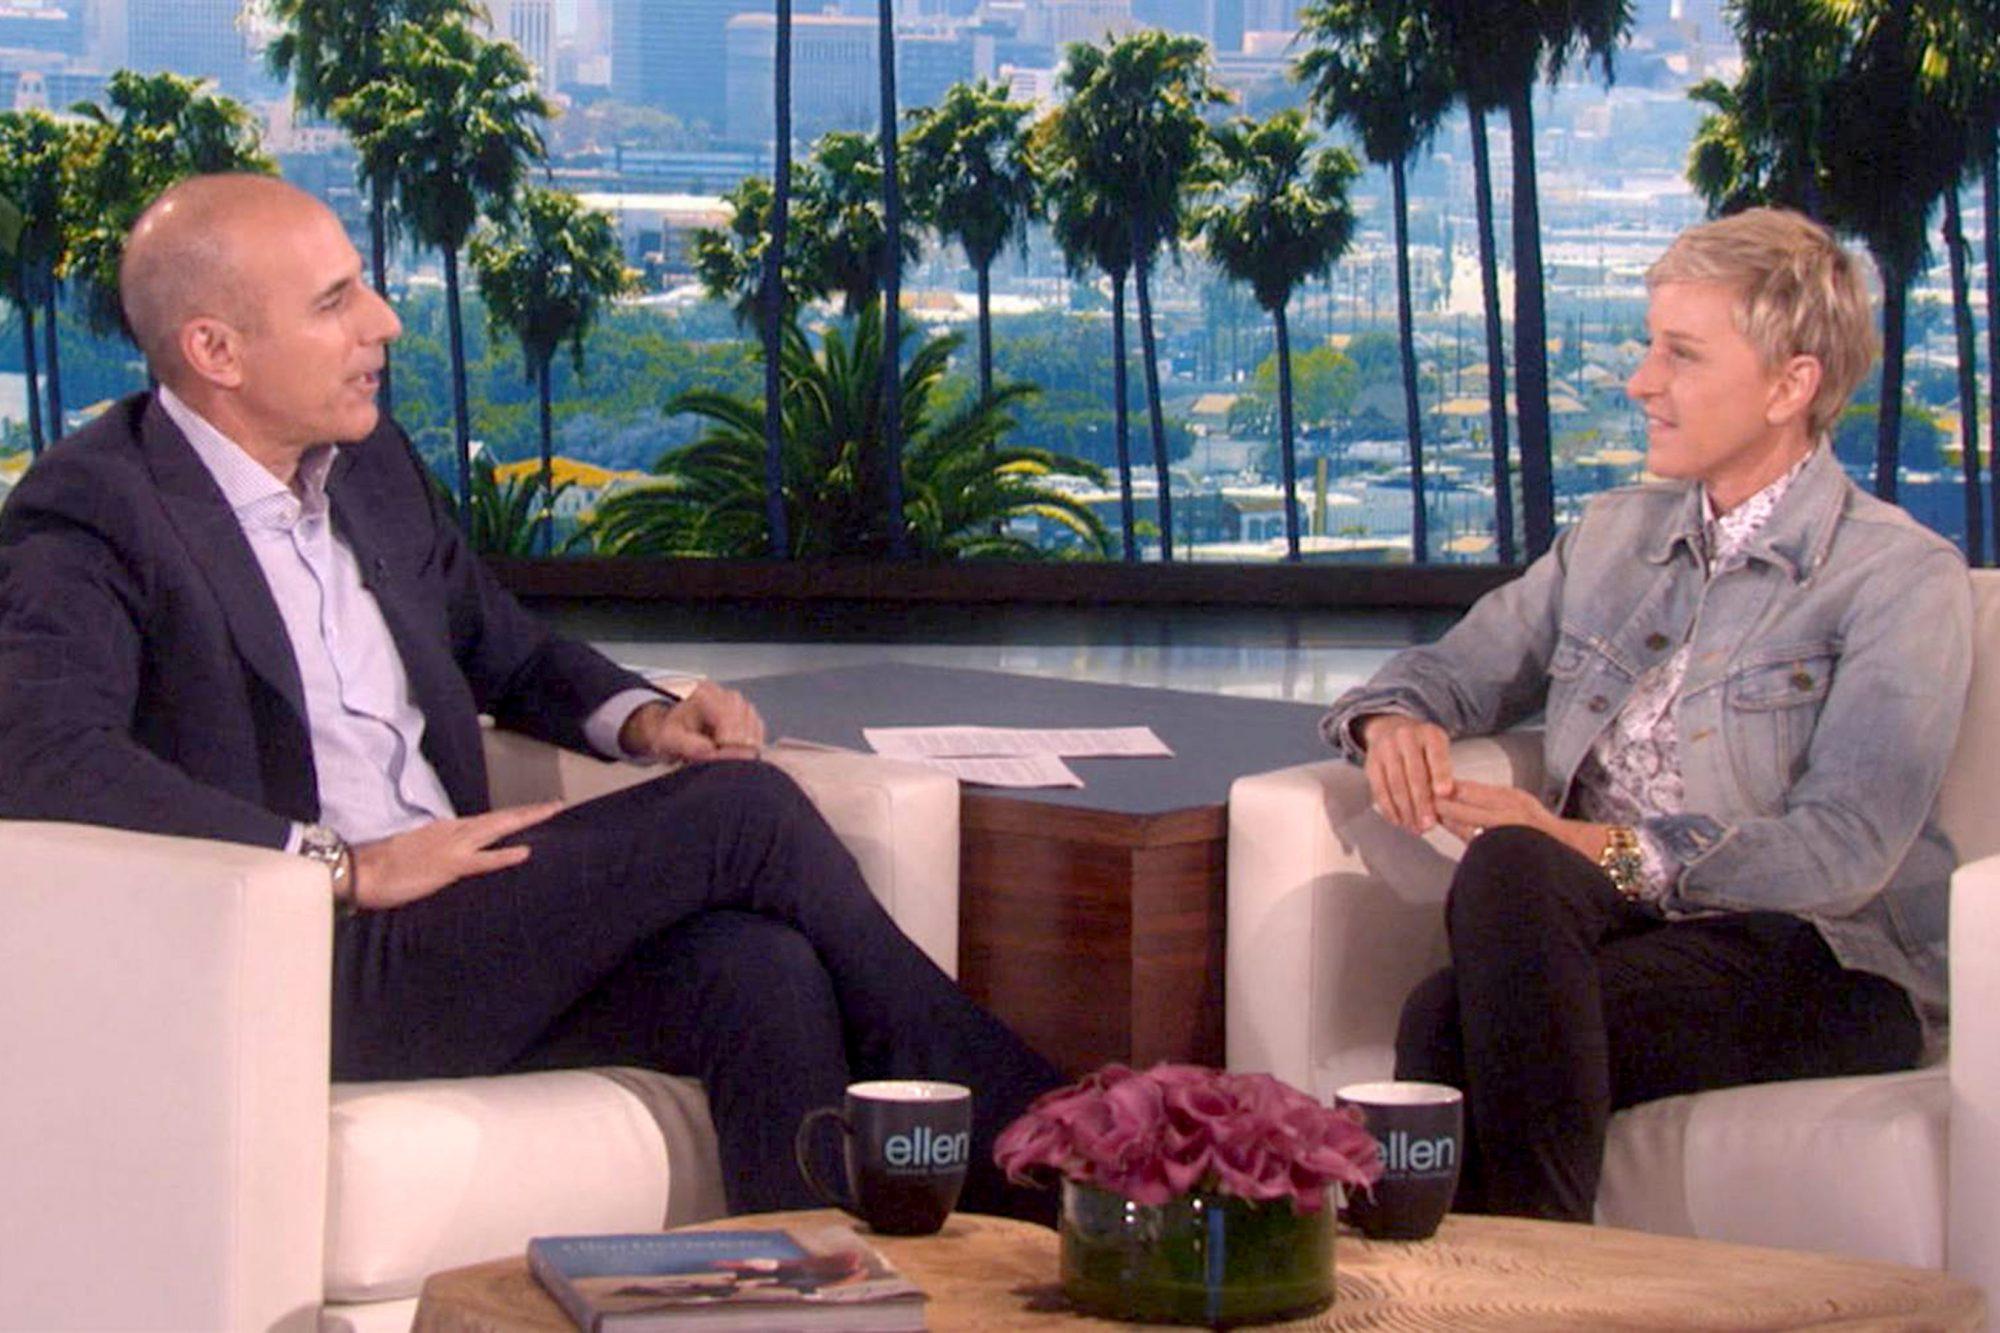 Matt Lauer and Ellen